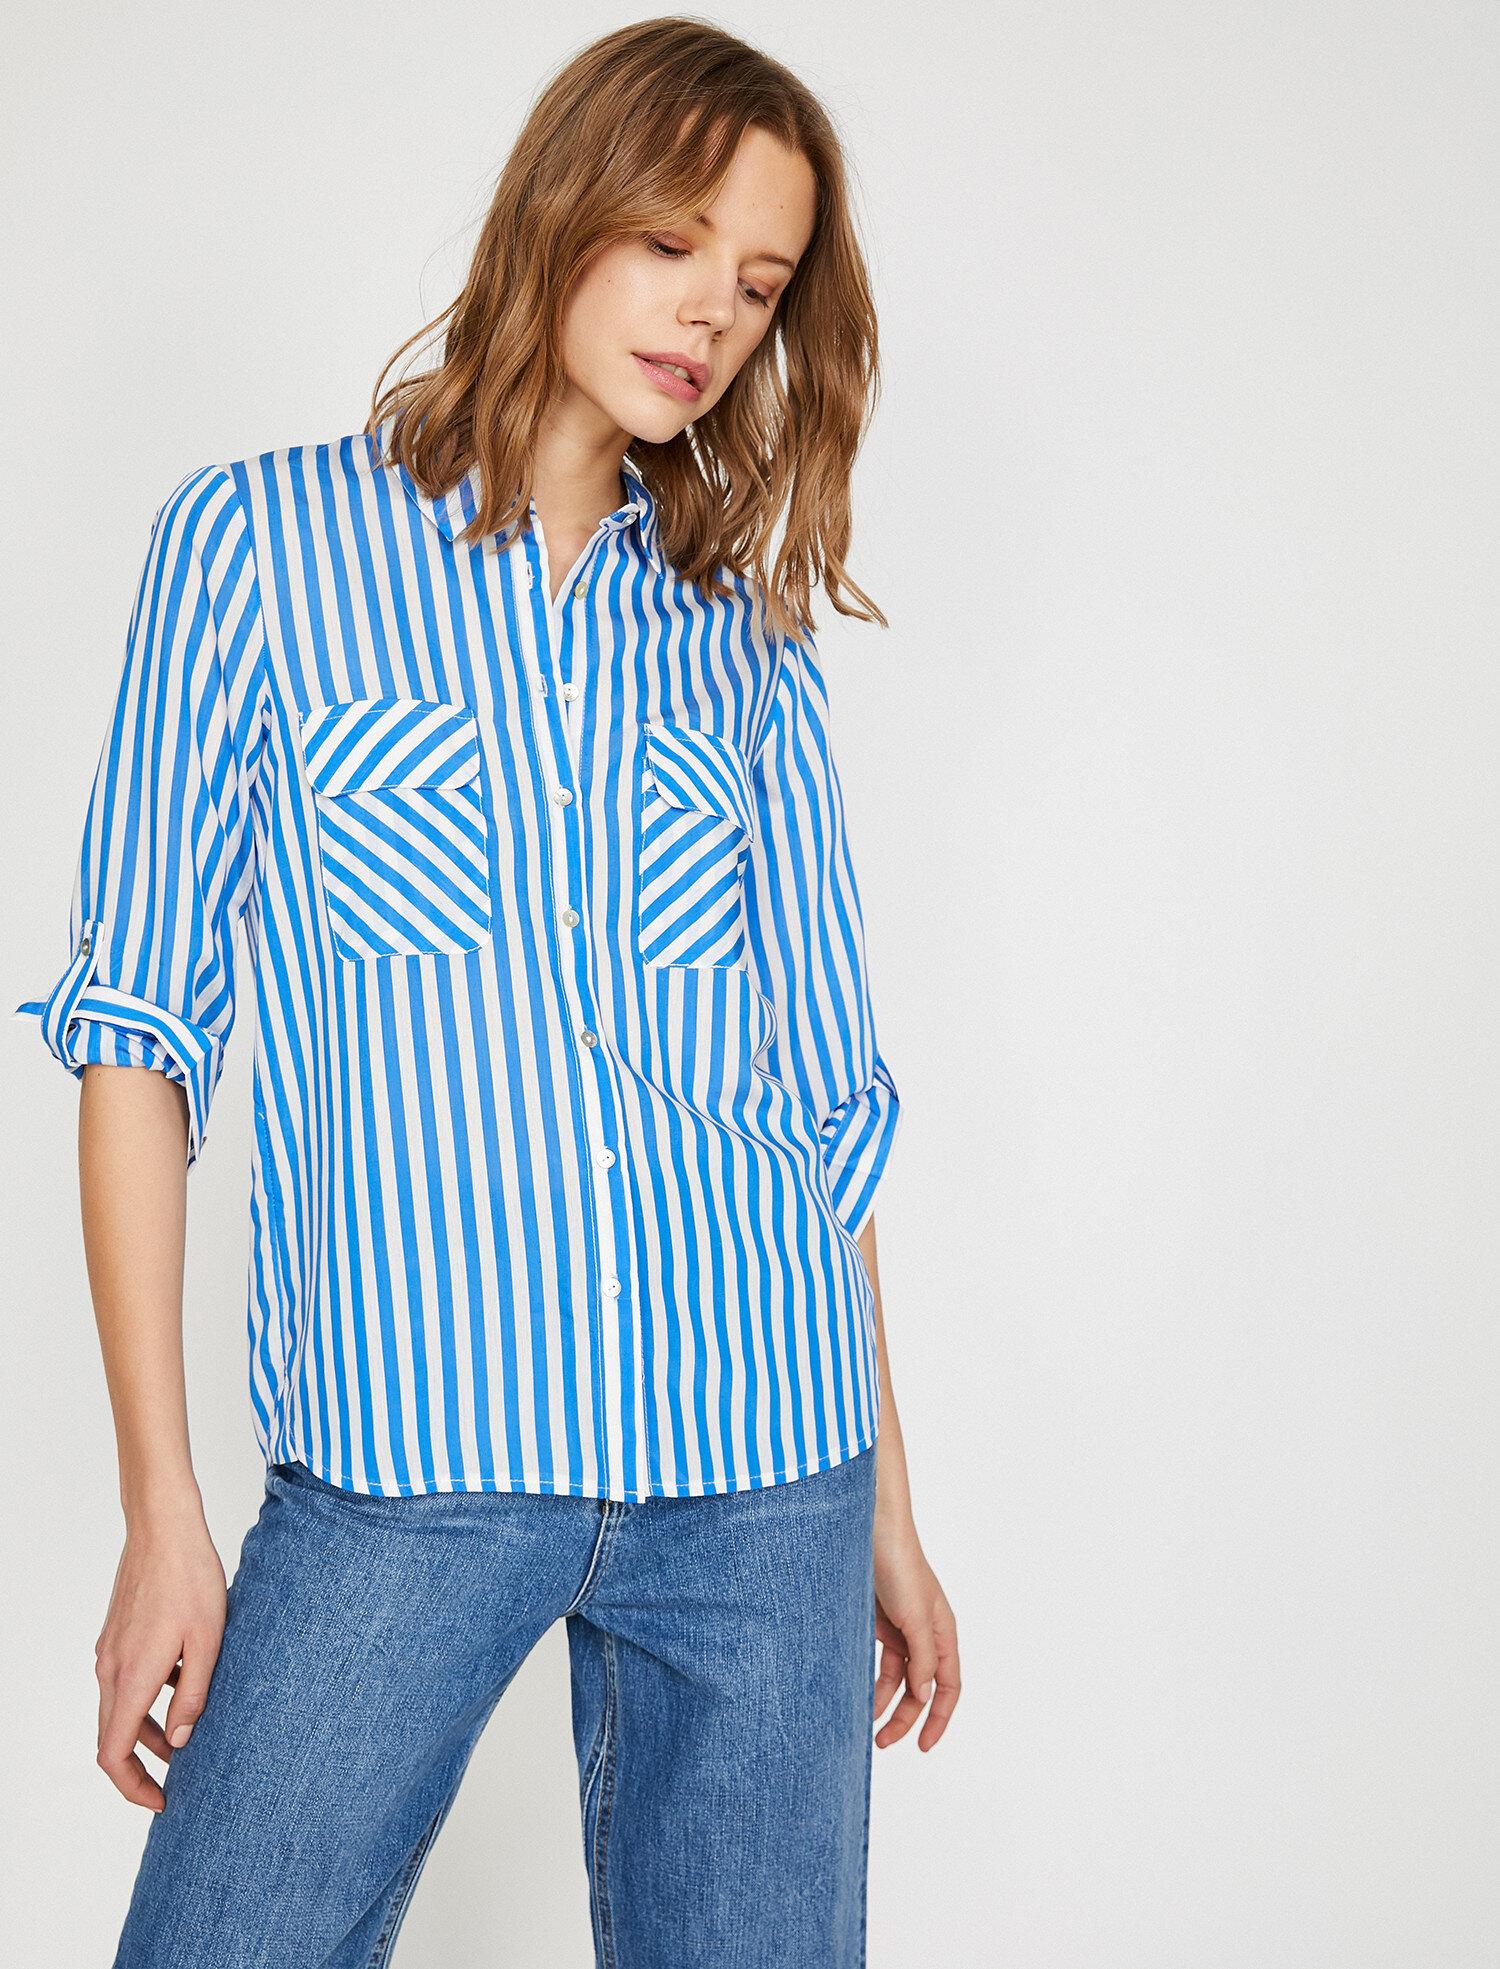 Koton Kadın Çizgili Gömlek Mavi Ürün Resmi